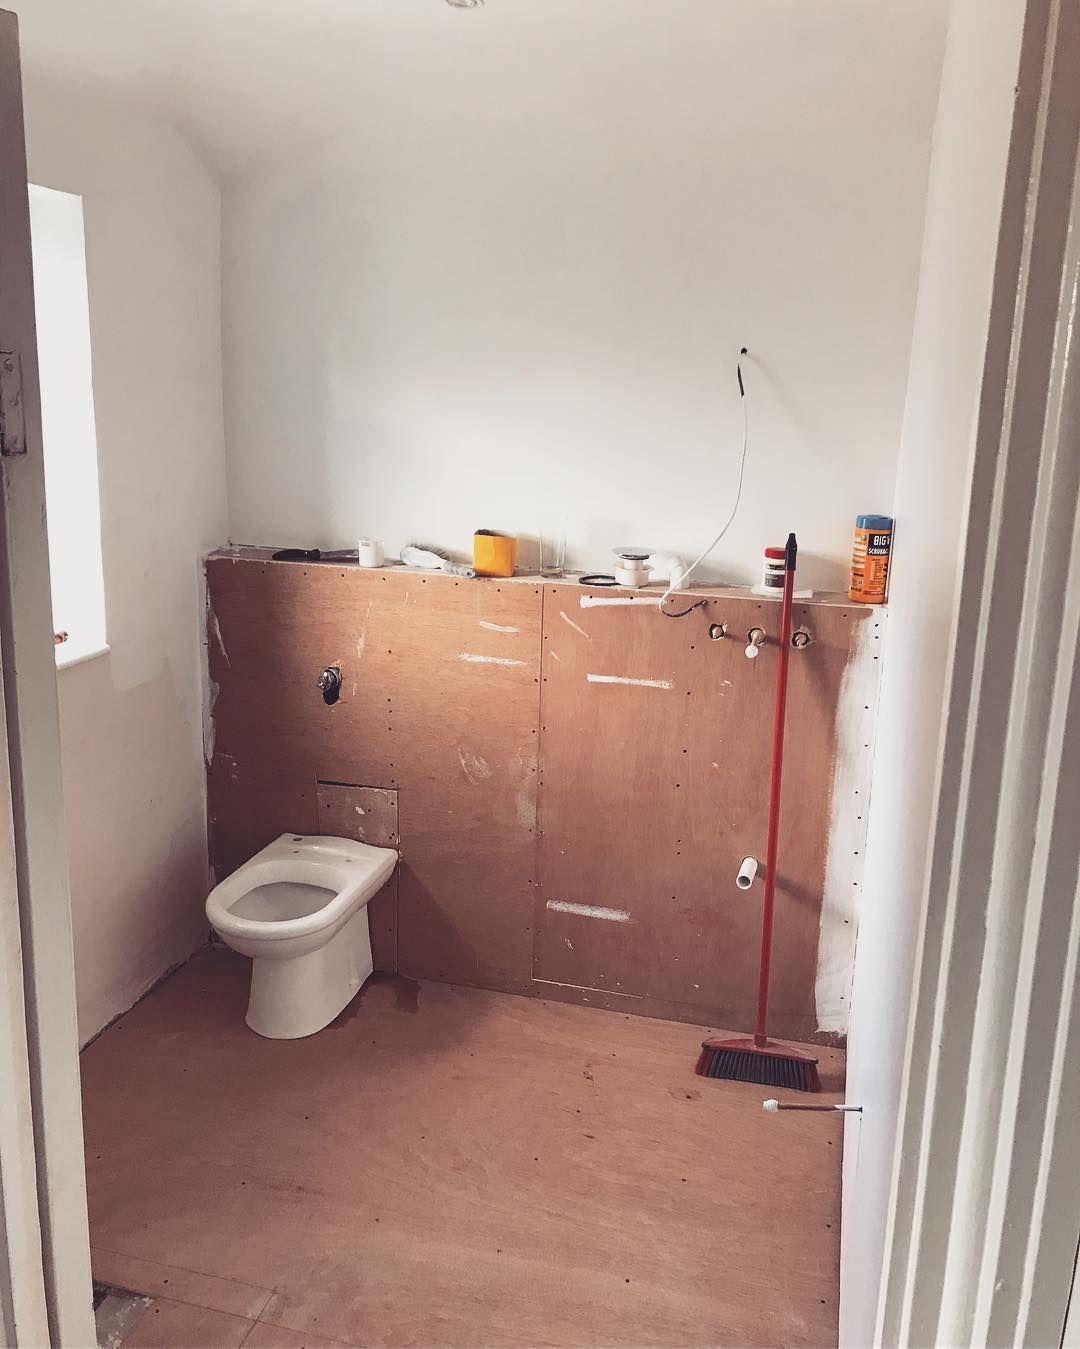 Nicht Mehr Auf Dielen Gehen Ein Produktives Wochenende Damit Verbracht Das Badezimmer Zu Streichen Home Decors Ideas 2020 Home Goods Home Decor Home